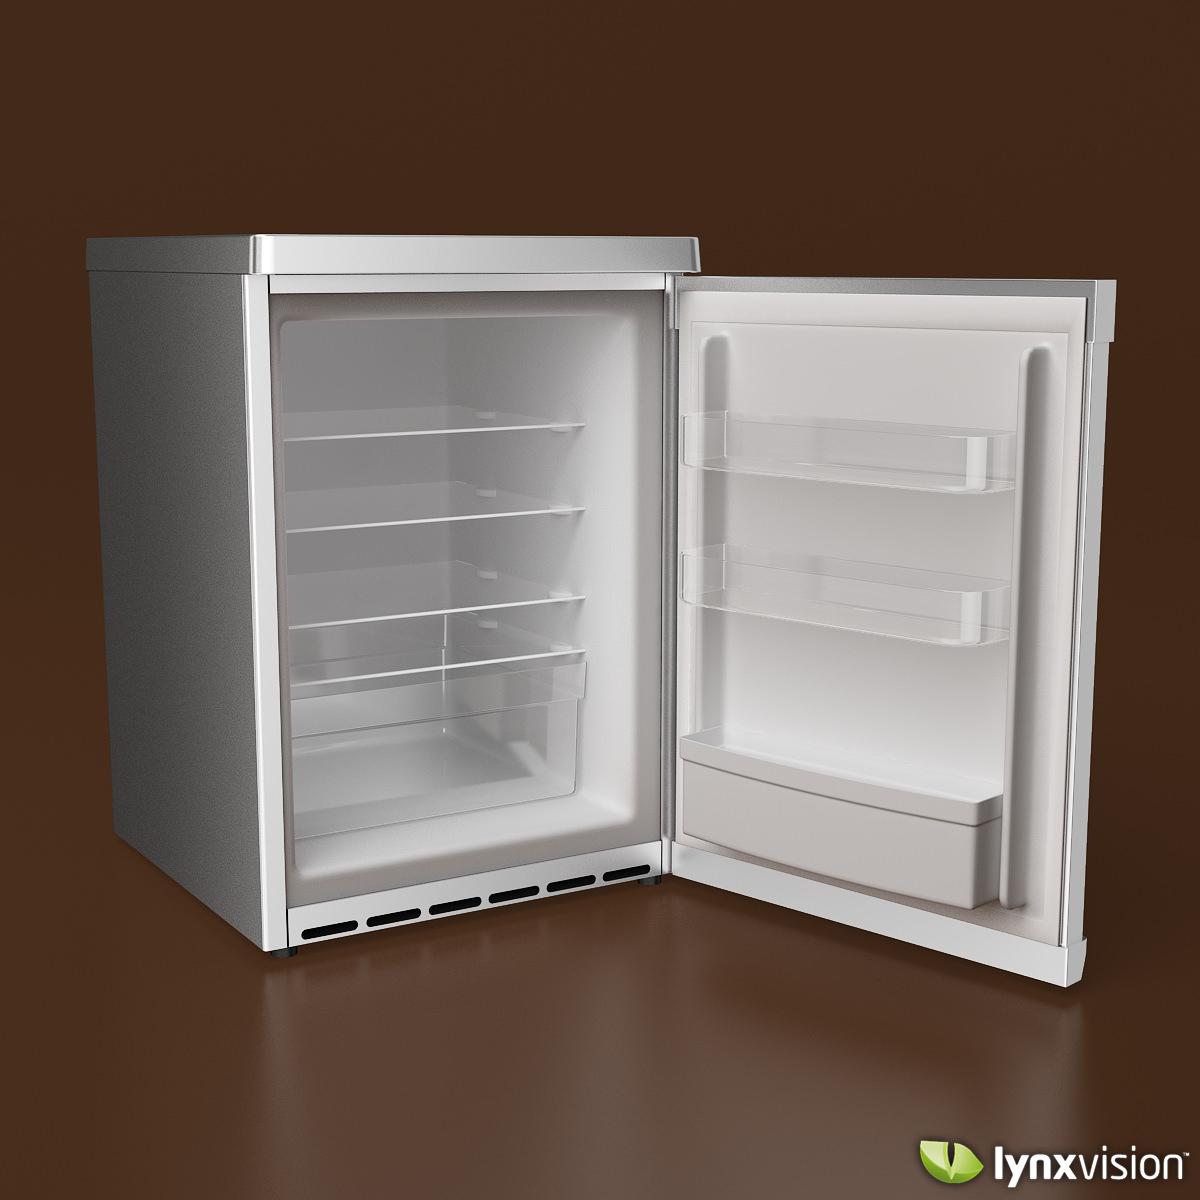 Bosch Compact Refrigerator 3D Model .max .obj .fbx